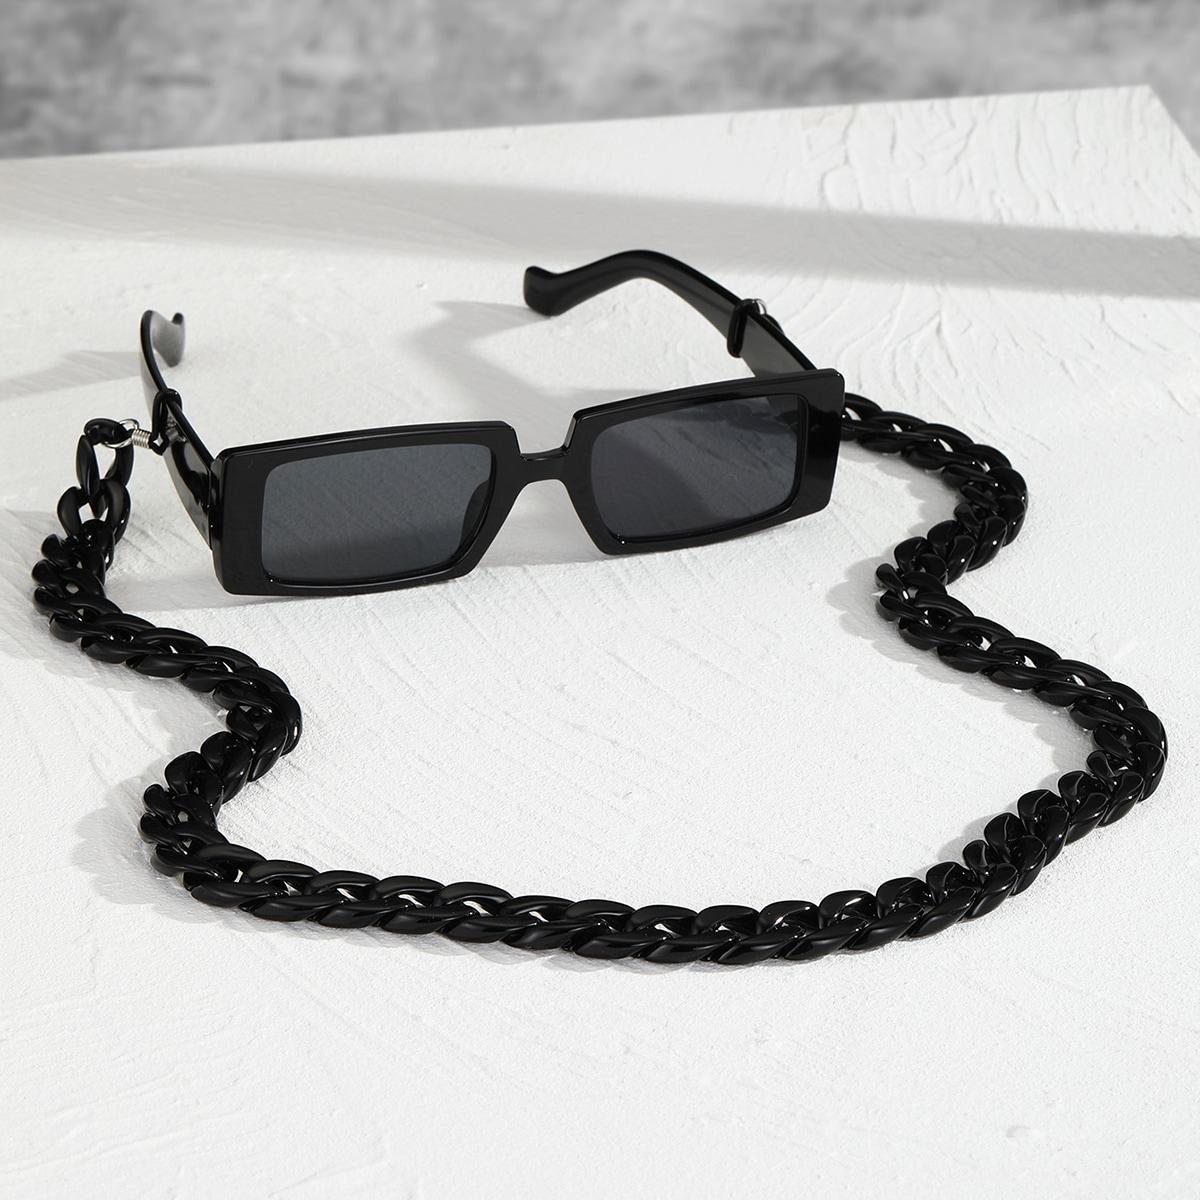 Мужские солнцезащитные очки в квадратной оправе с цепочкой для очков